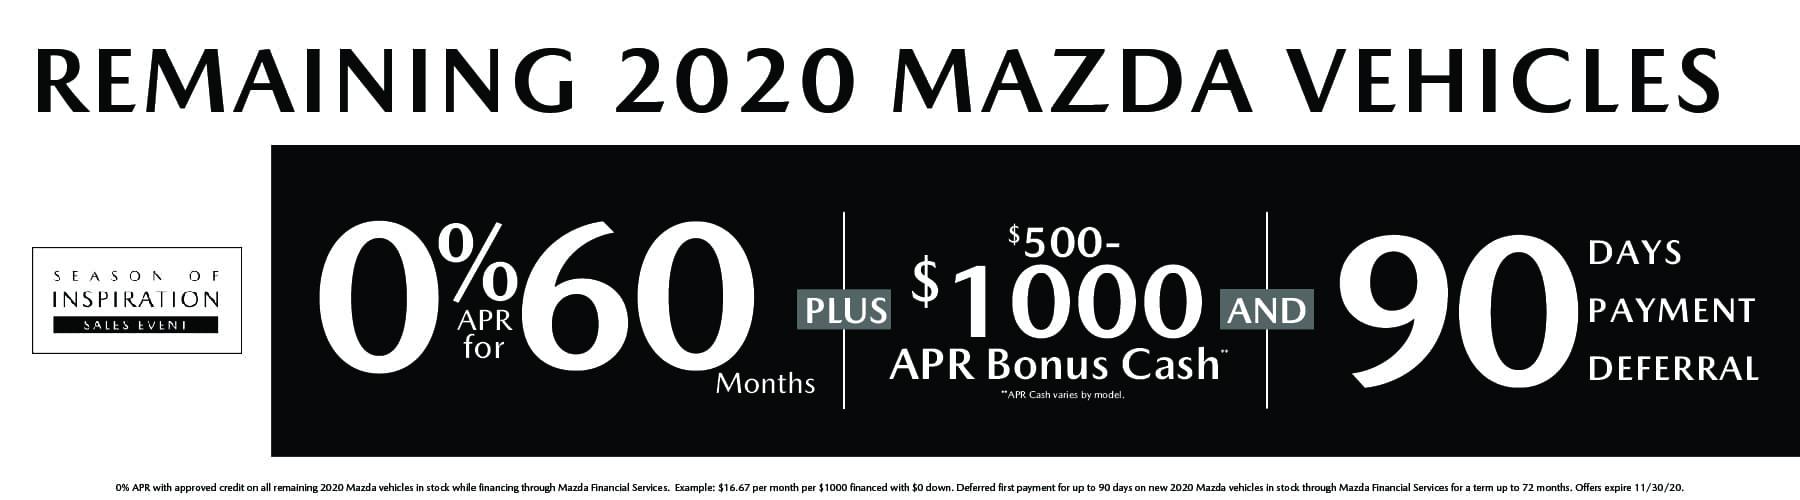 NapMaz-1800x500-1120-01